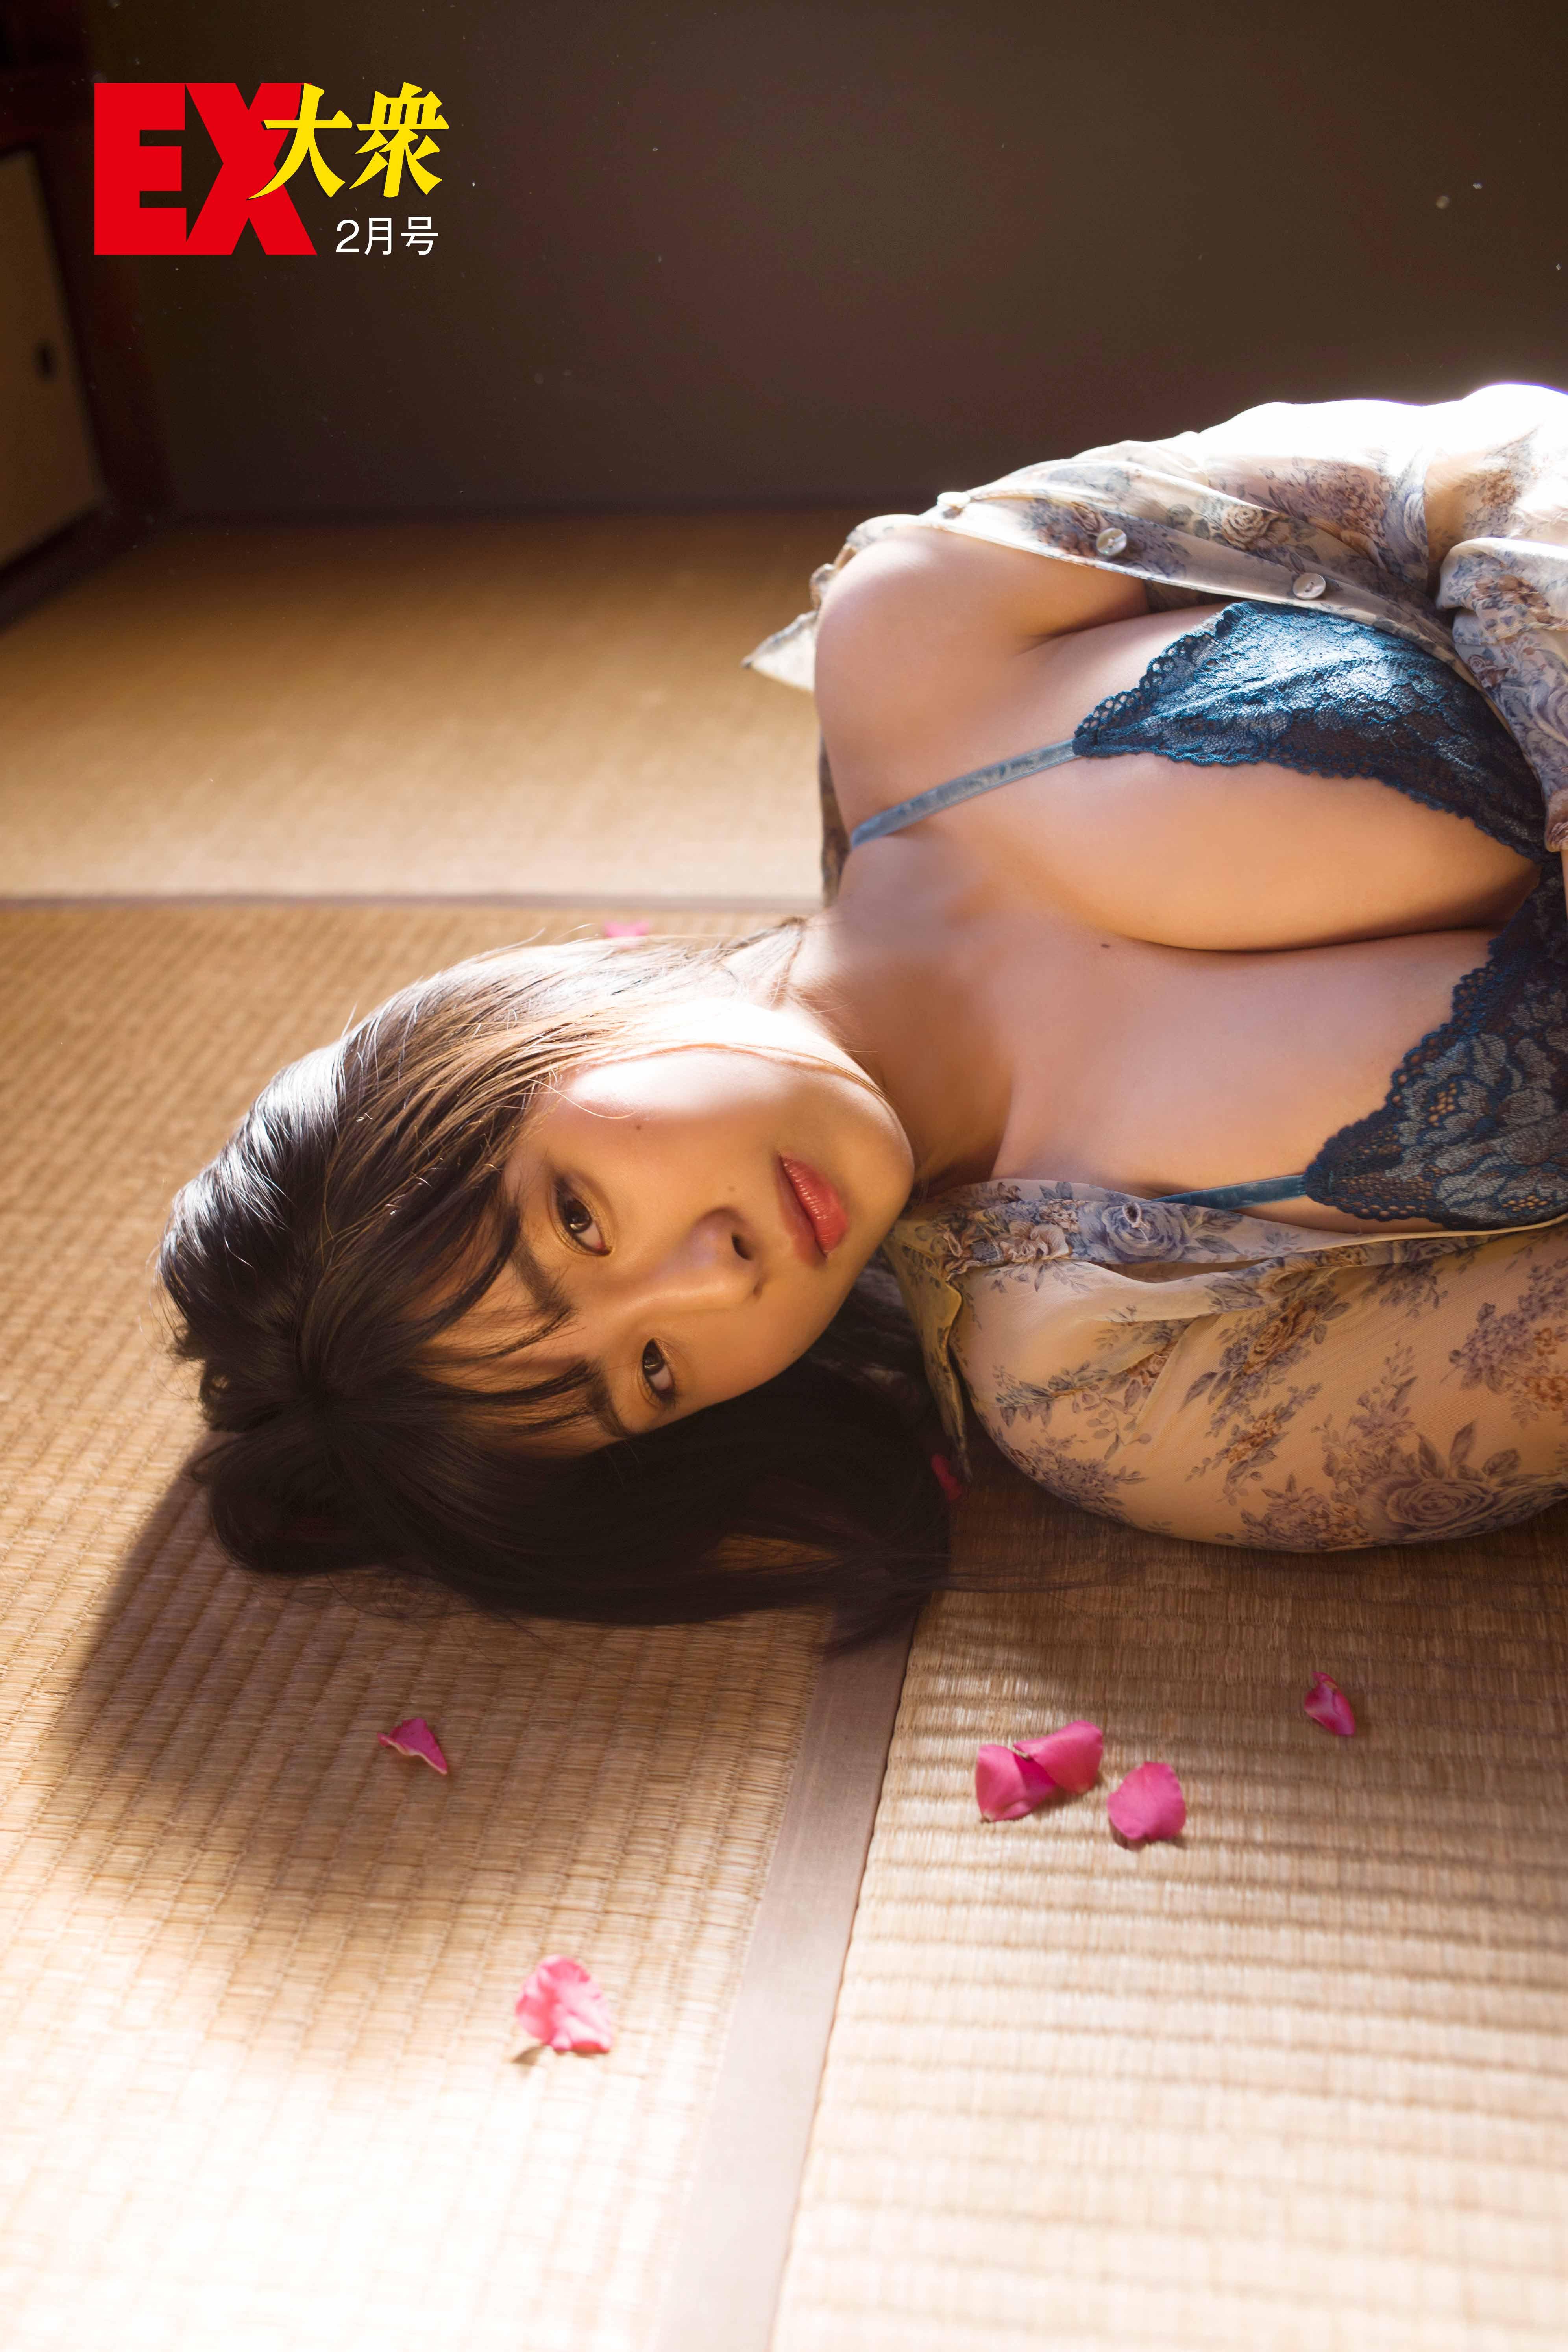 大間乃トーコ「今野杏南さんを見て本当にけしからんと思って(笑)、そこから一気にグラビアにハマったんです」【独占告白2/9】【画像6枚】の画像006